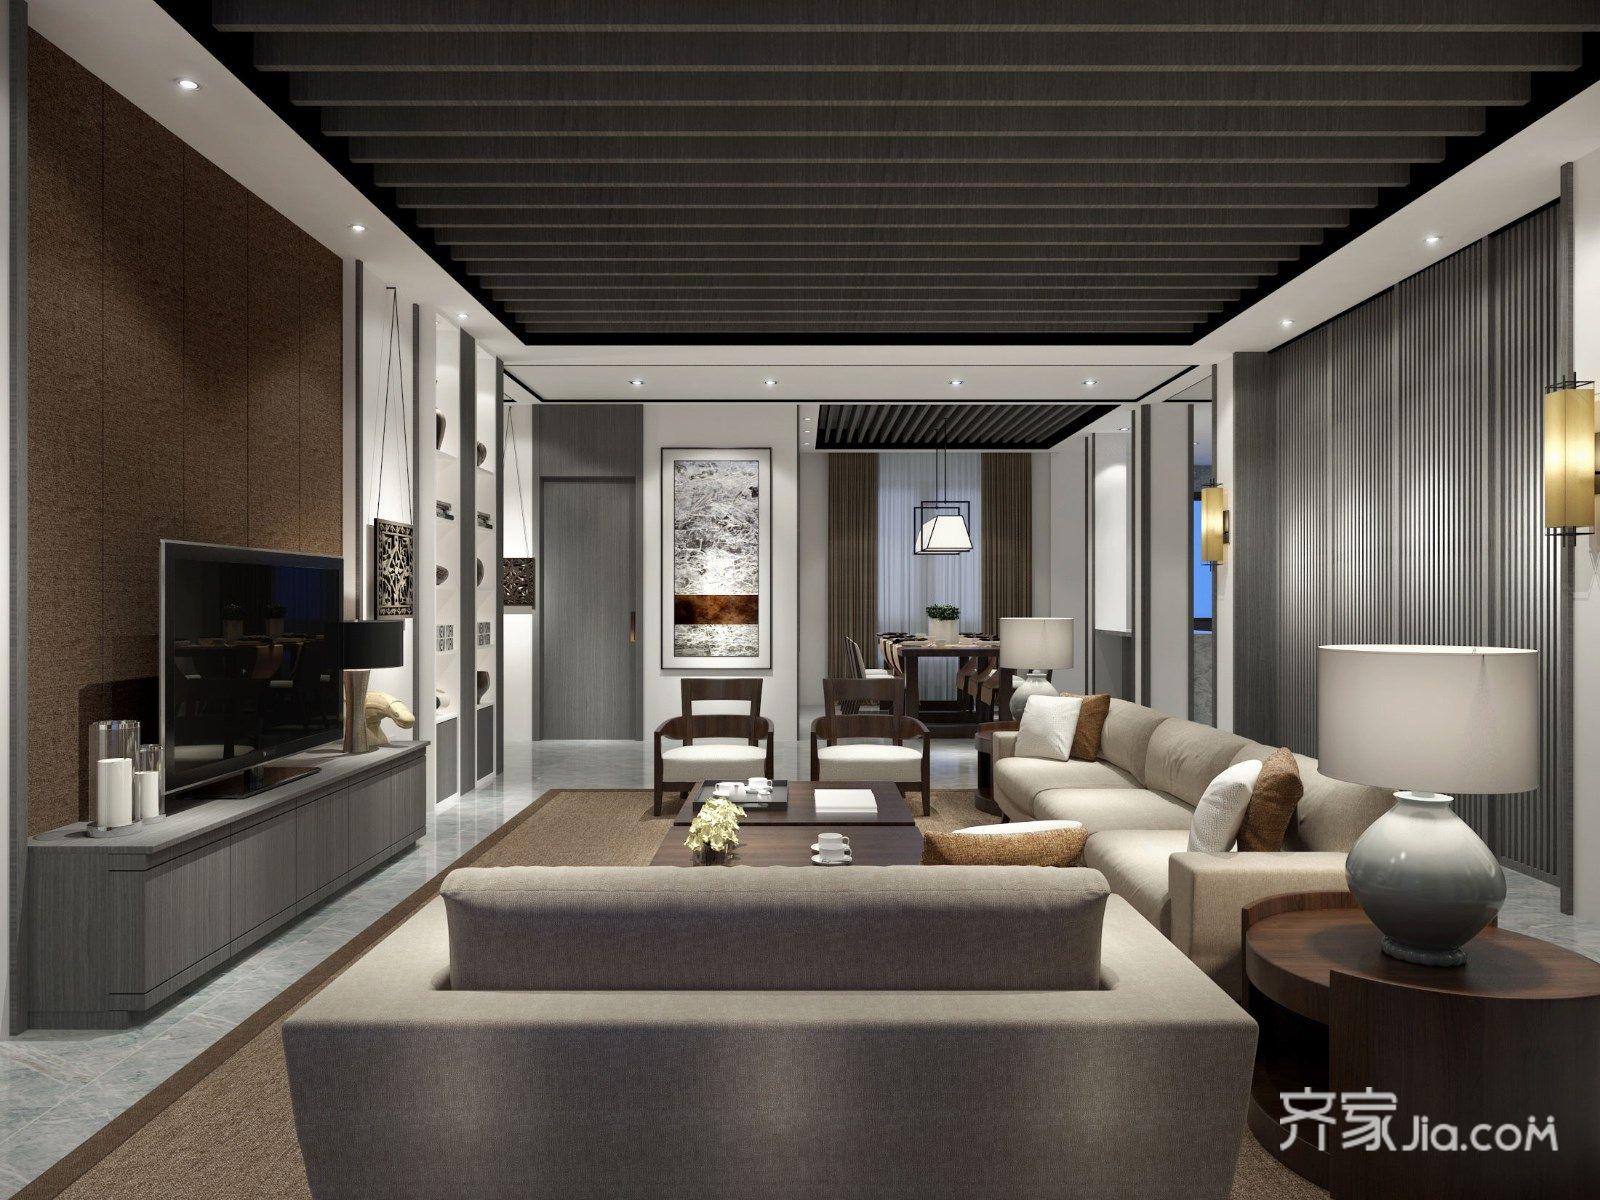 新中式居室